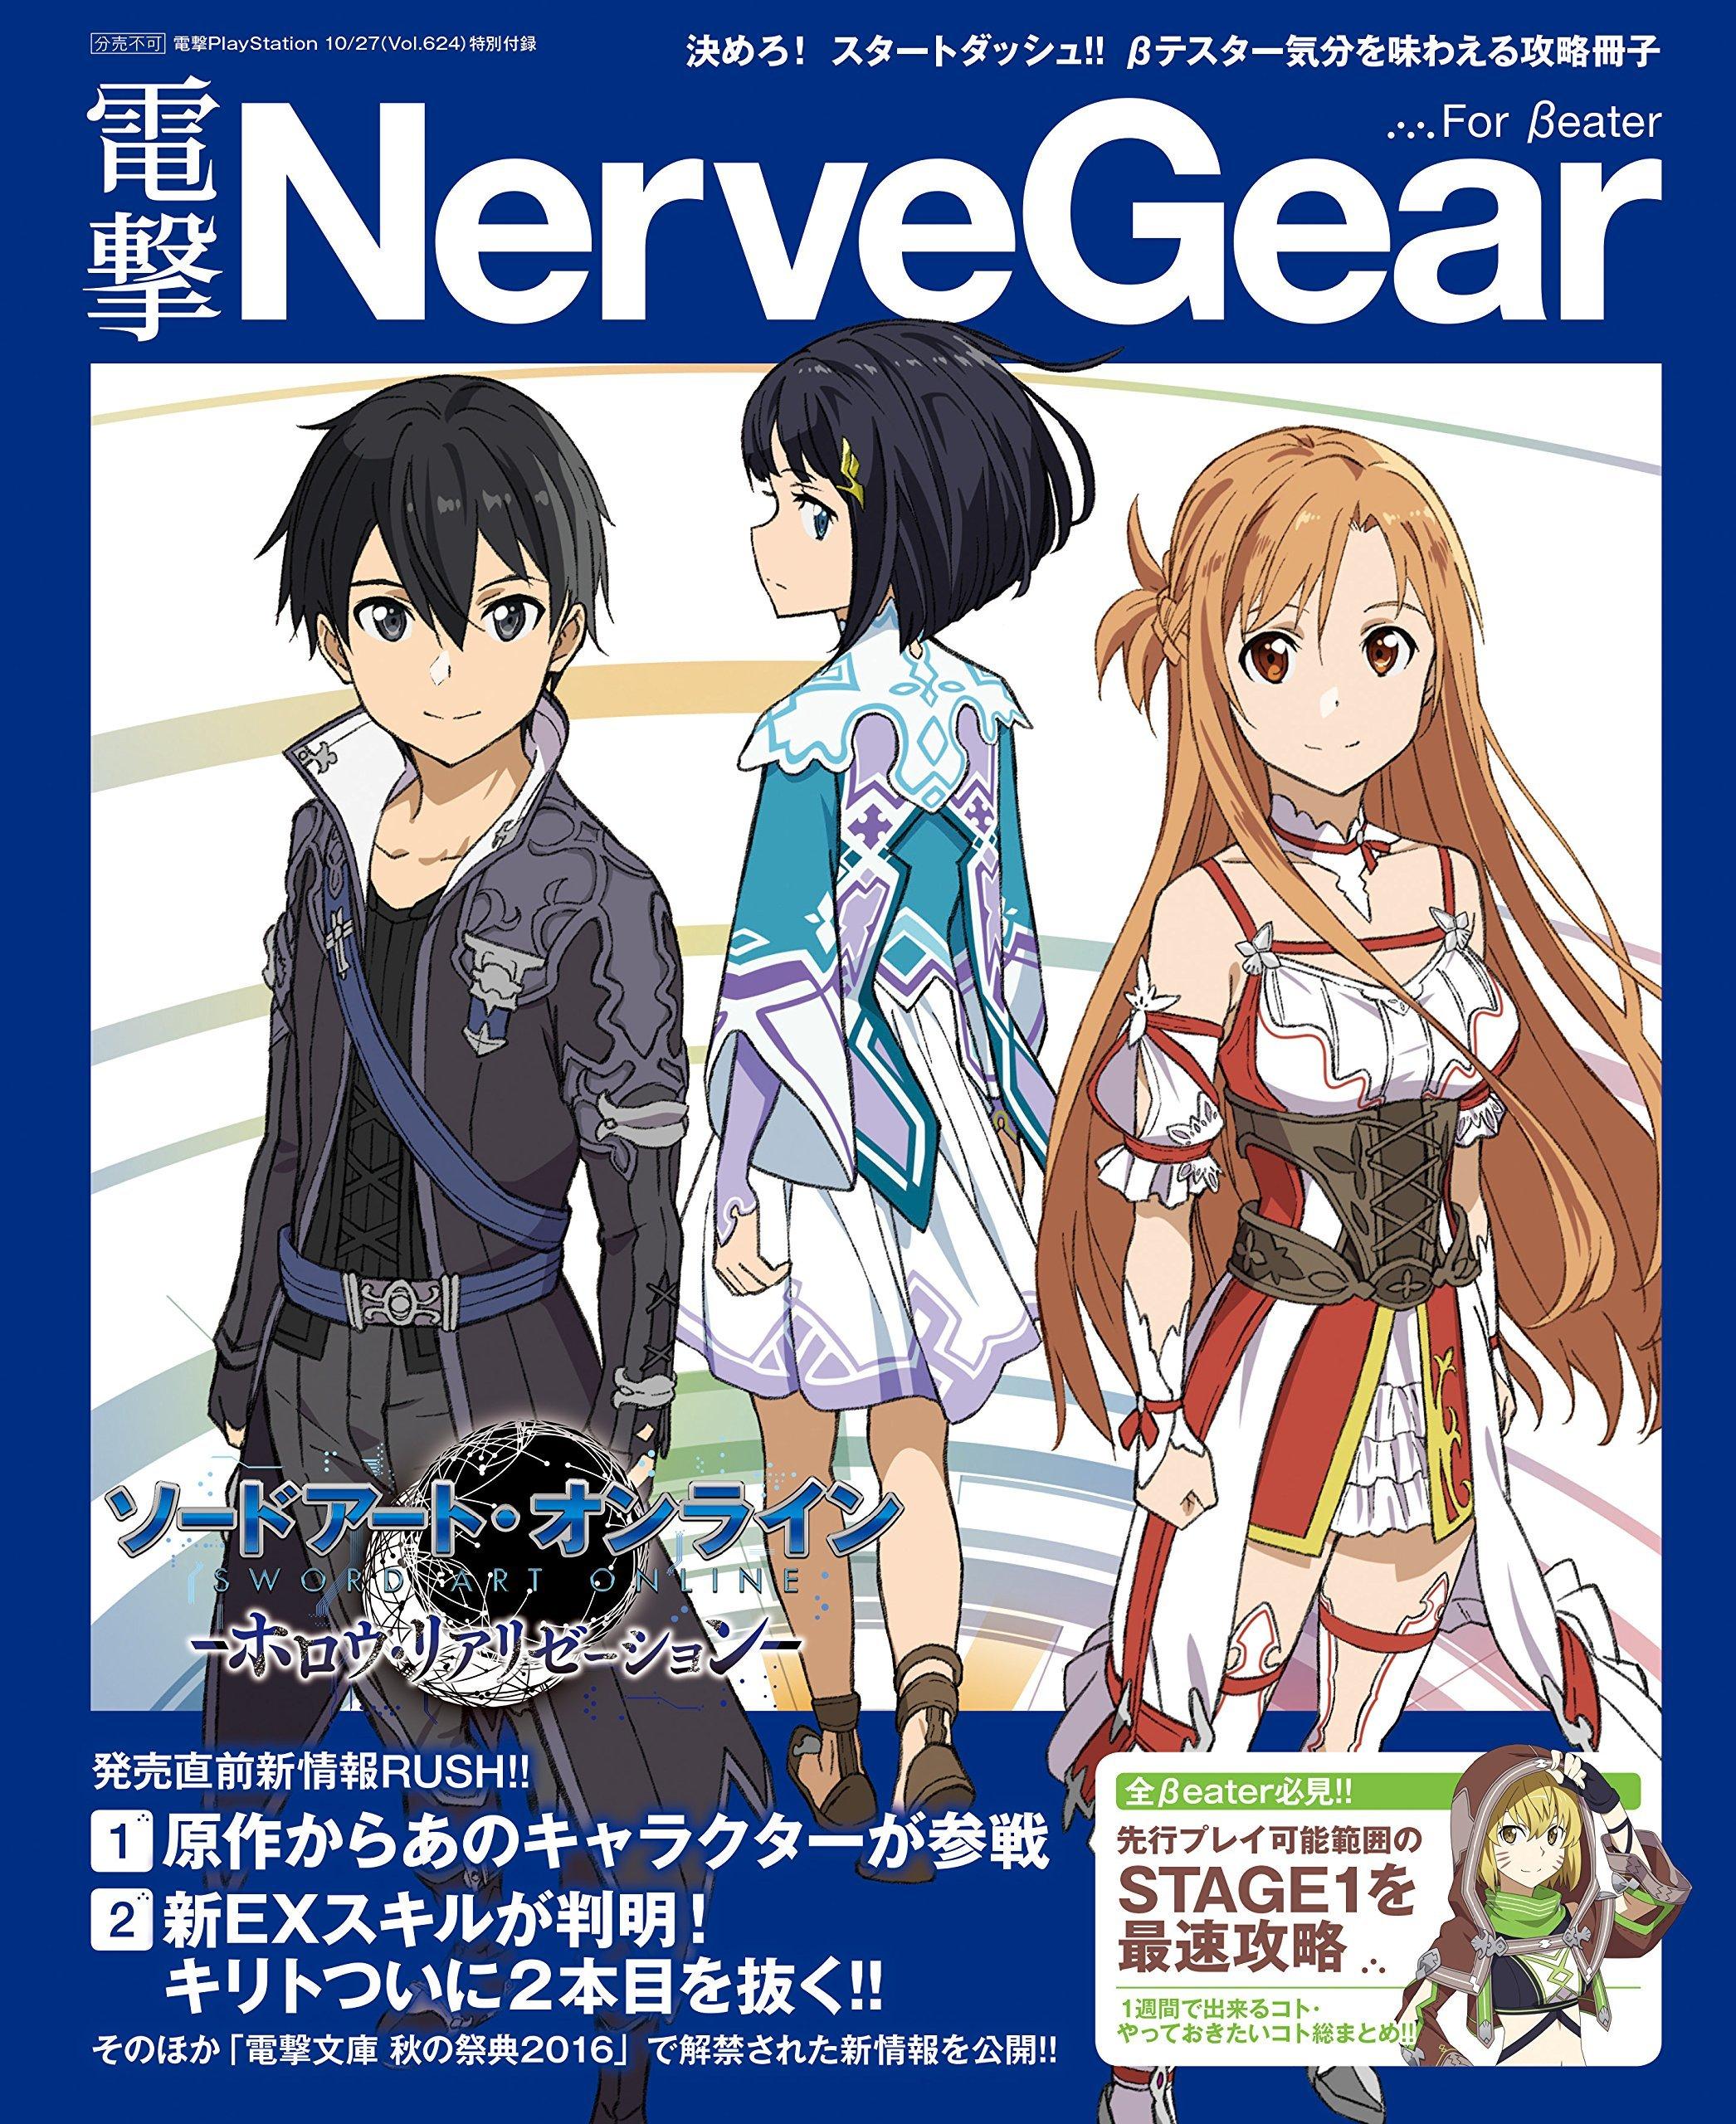 Dengeki NerveGear for βeater (Vol.624 supplement) (October 27, 2016)